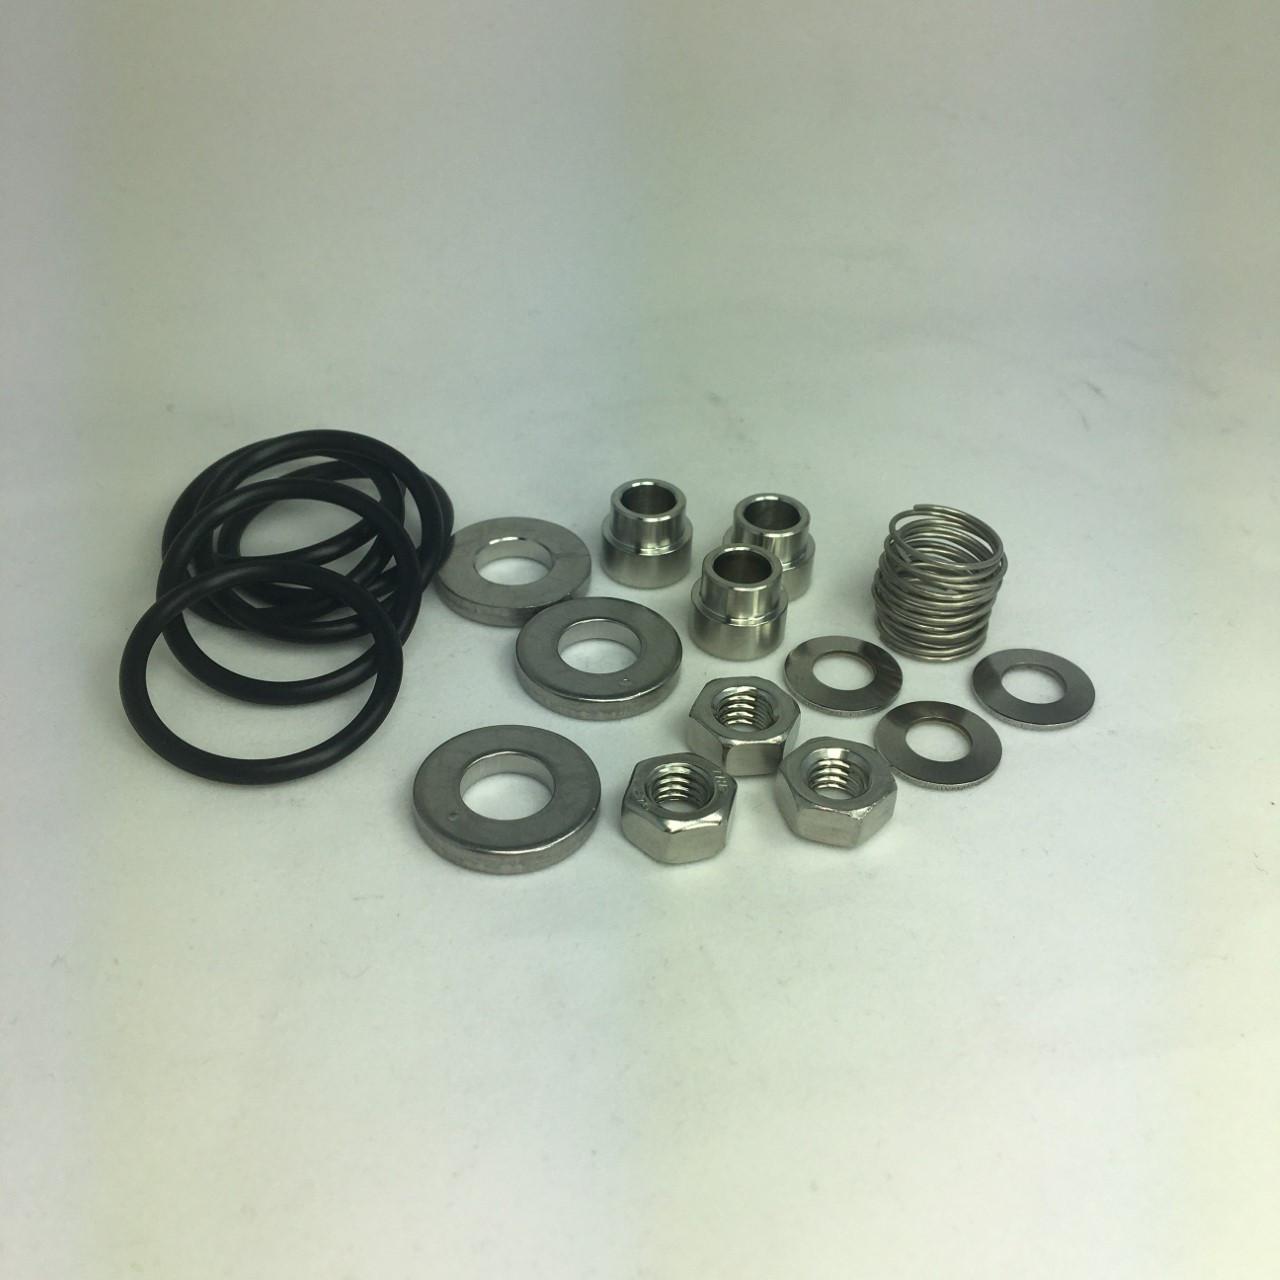 Aquamiser+ 250-800 Replacement Valve Kit    48-1879